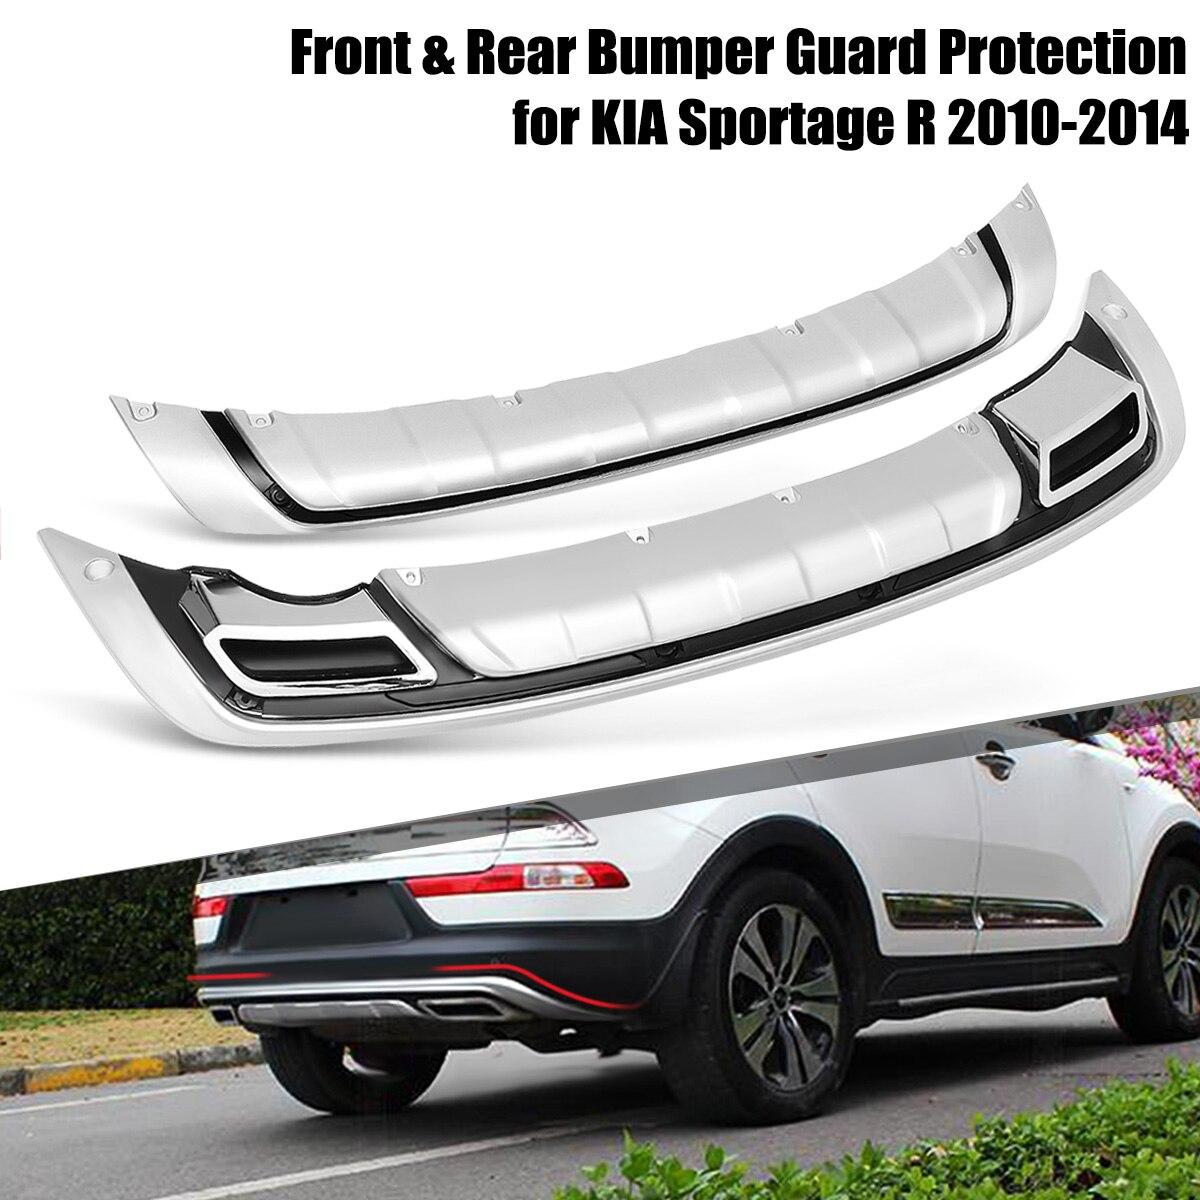 2 unids/set parachoques delantero y trasero del coche Protector de la cubierta de protección ABS para KIA Sportage R 2010 2011 2012 2013 2014